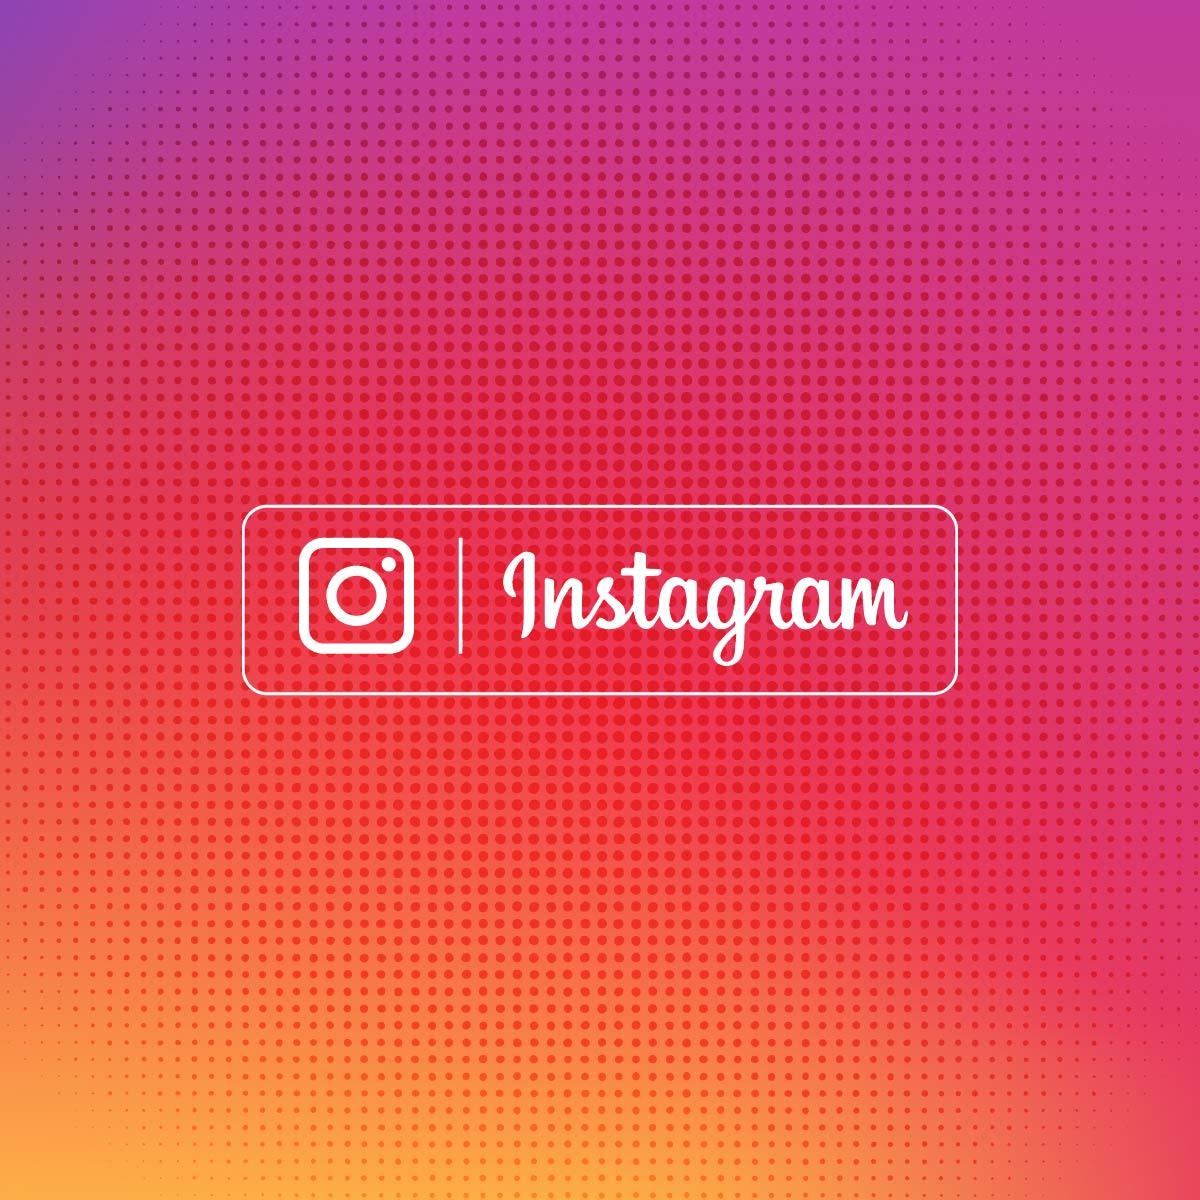 Instagram Yorum Yapamama Sorunu ve Çözümü